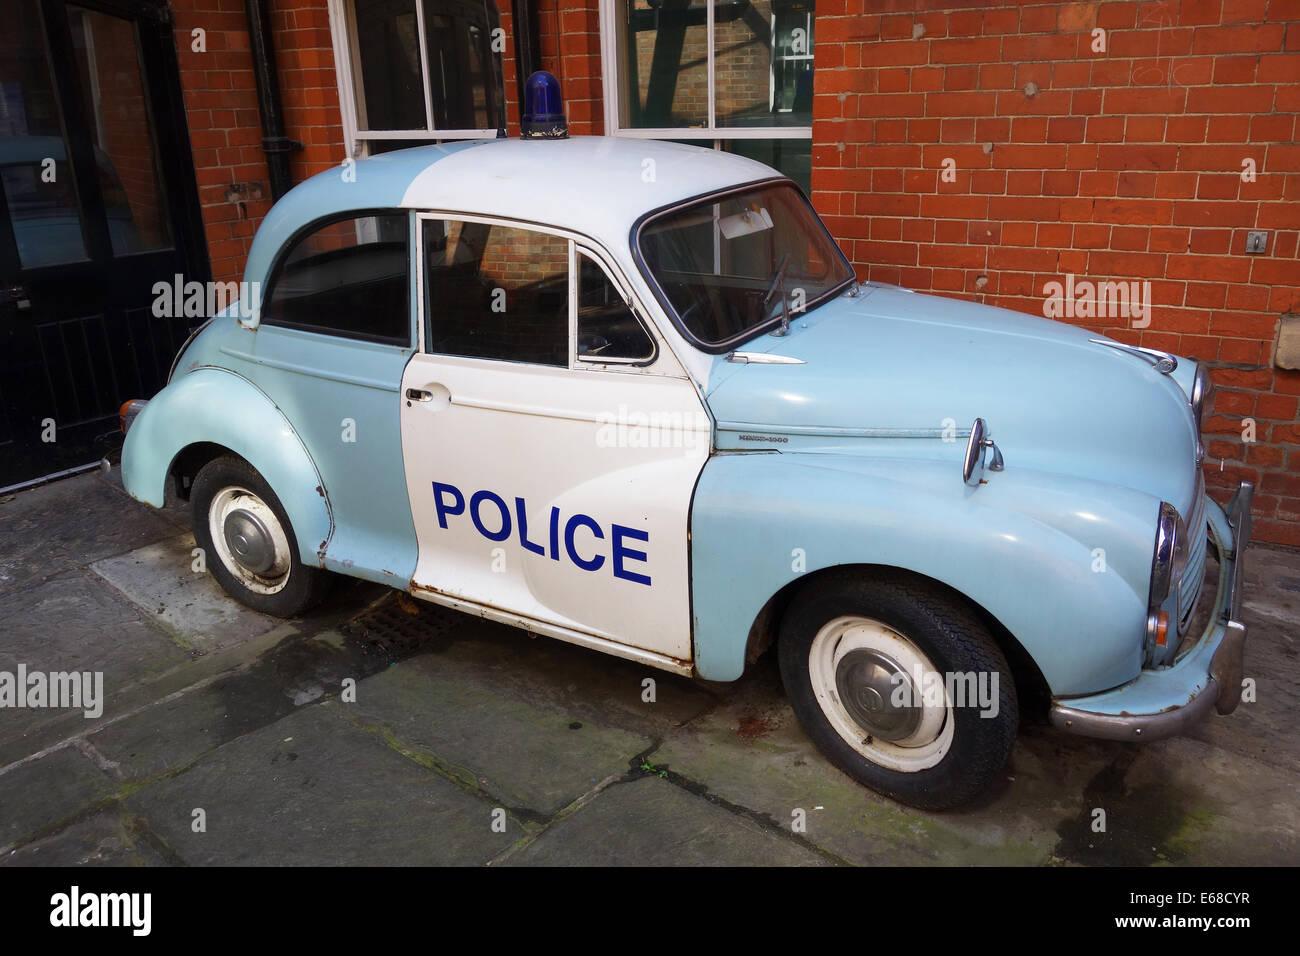 Police Car, vintage police car, Britain, UK Stock Photo: 72715211 ...